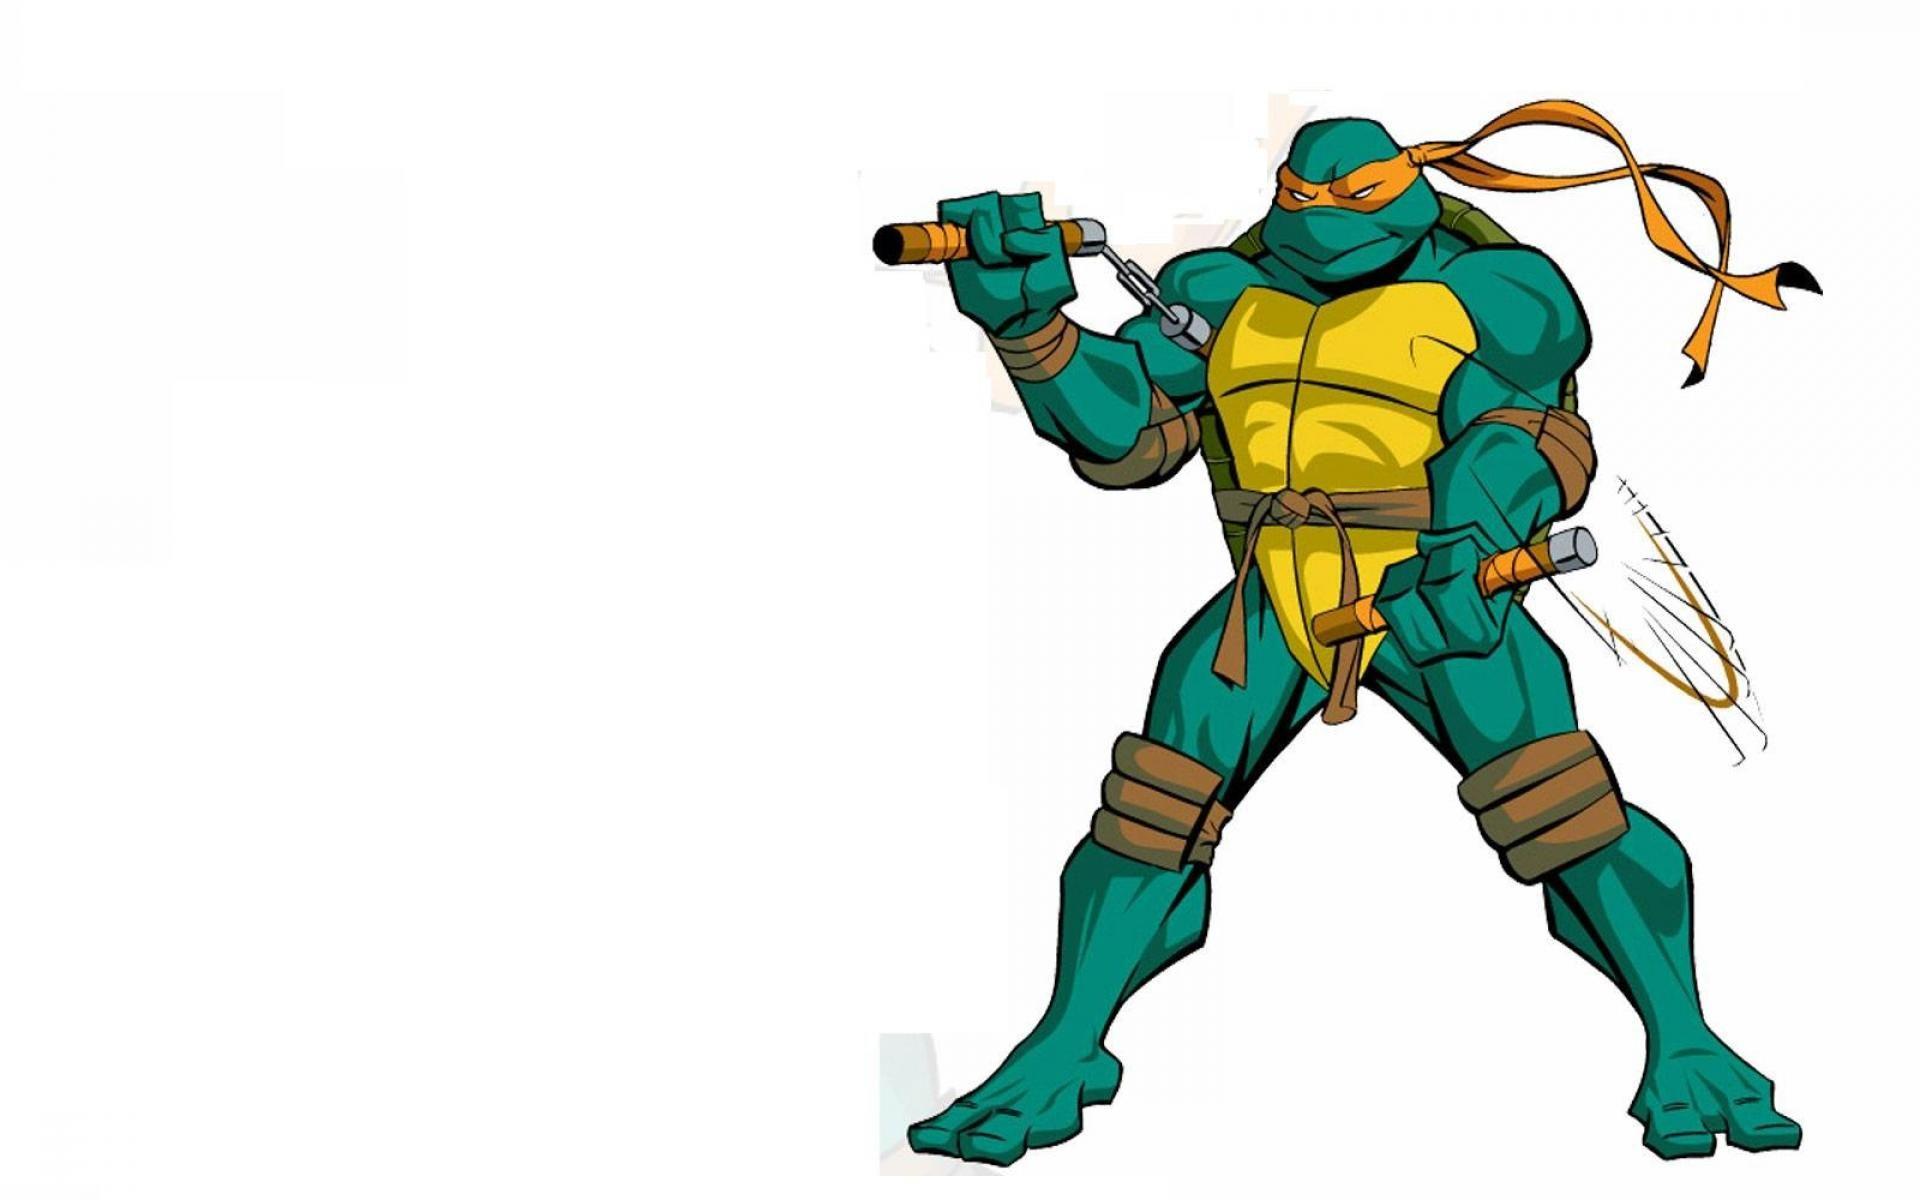 1920x1200 Teenage Mutant Ninja Turtles Michelangelo Wallpapers Group